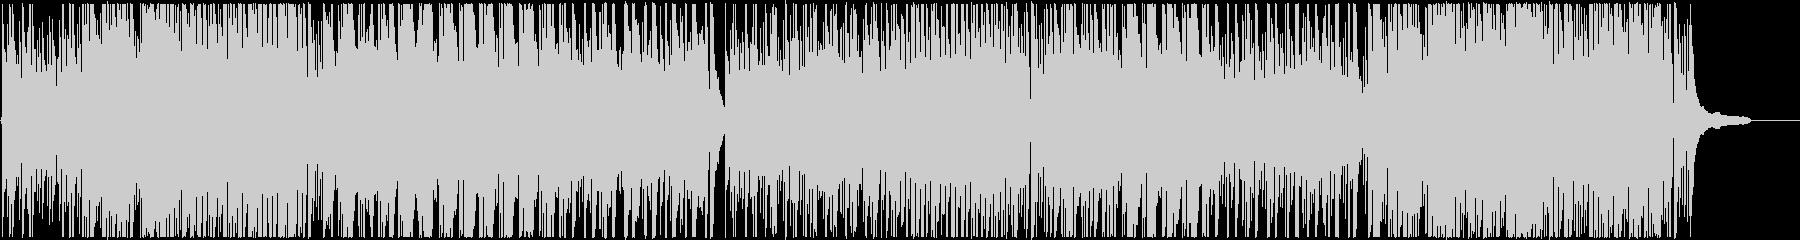 オーガニックなサウンド、アコースティックの未再生の波形